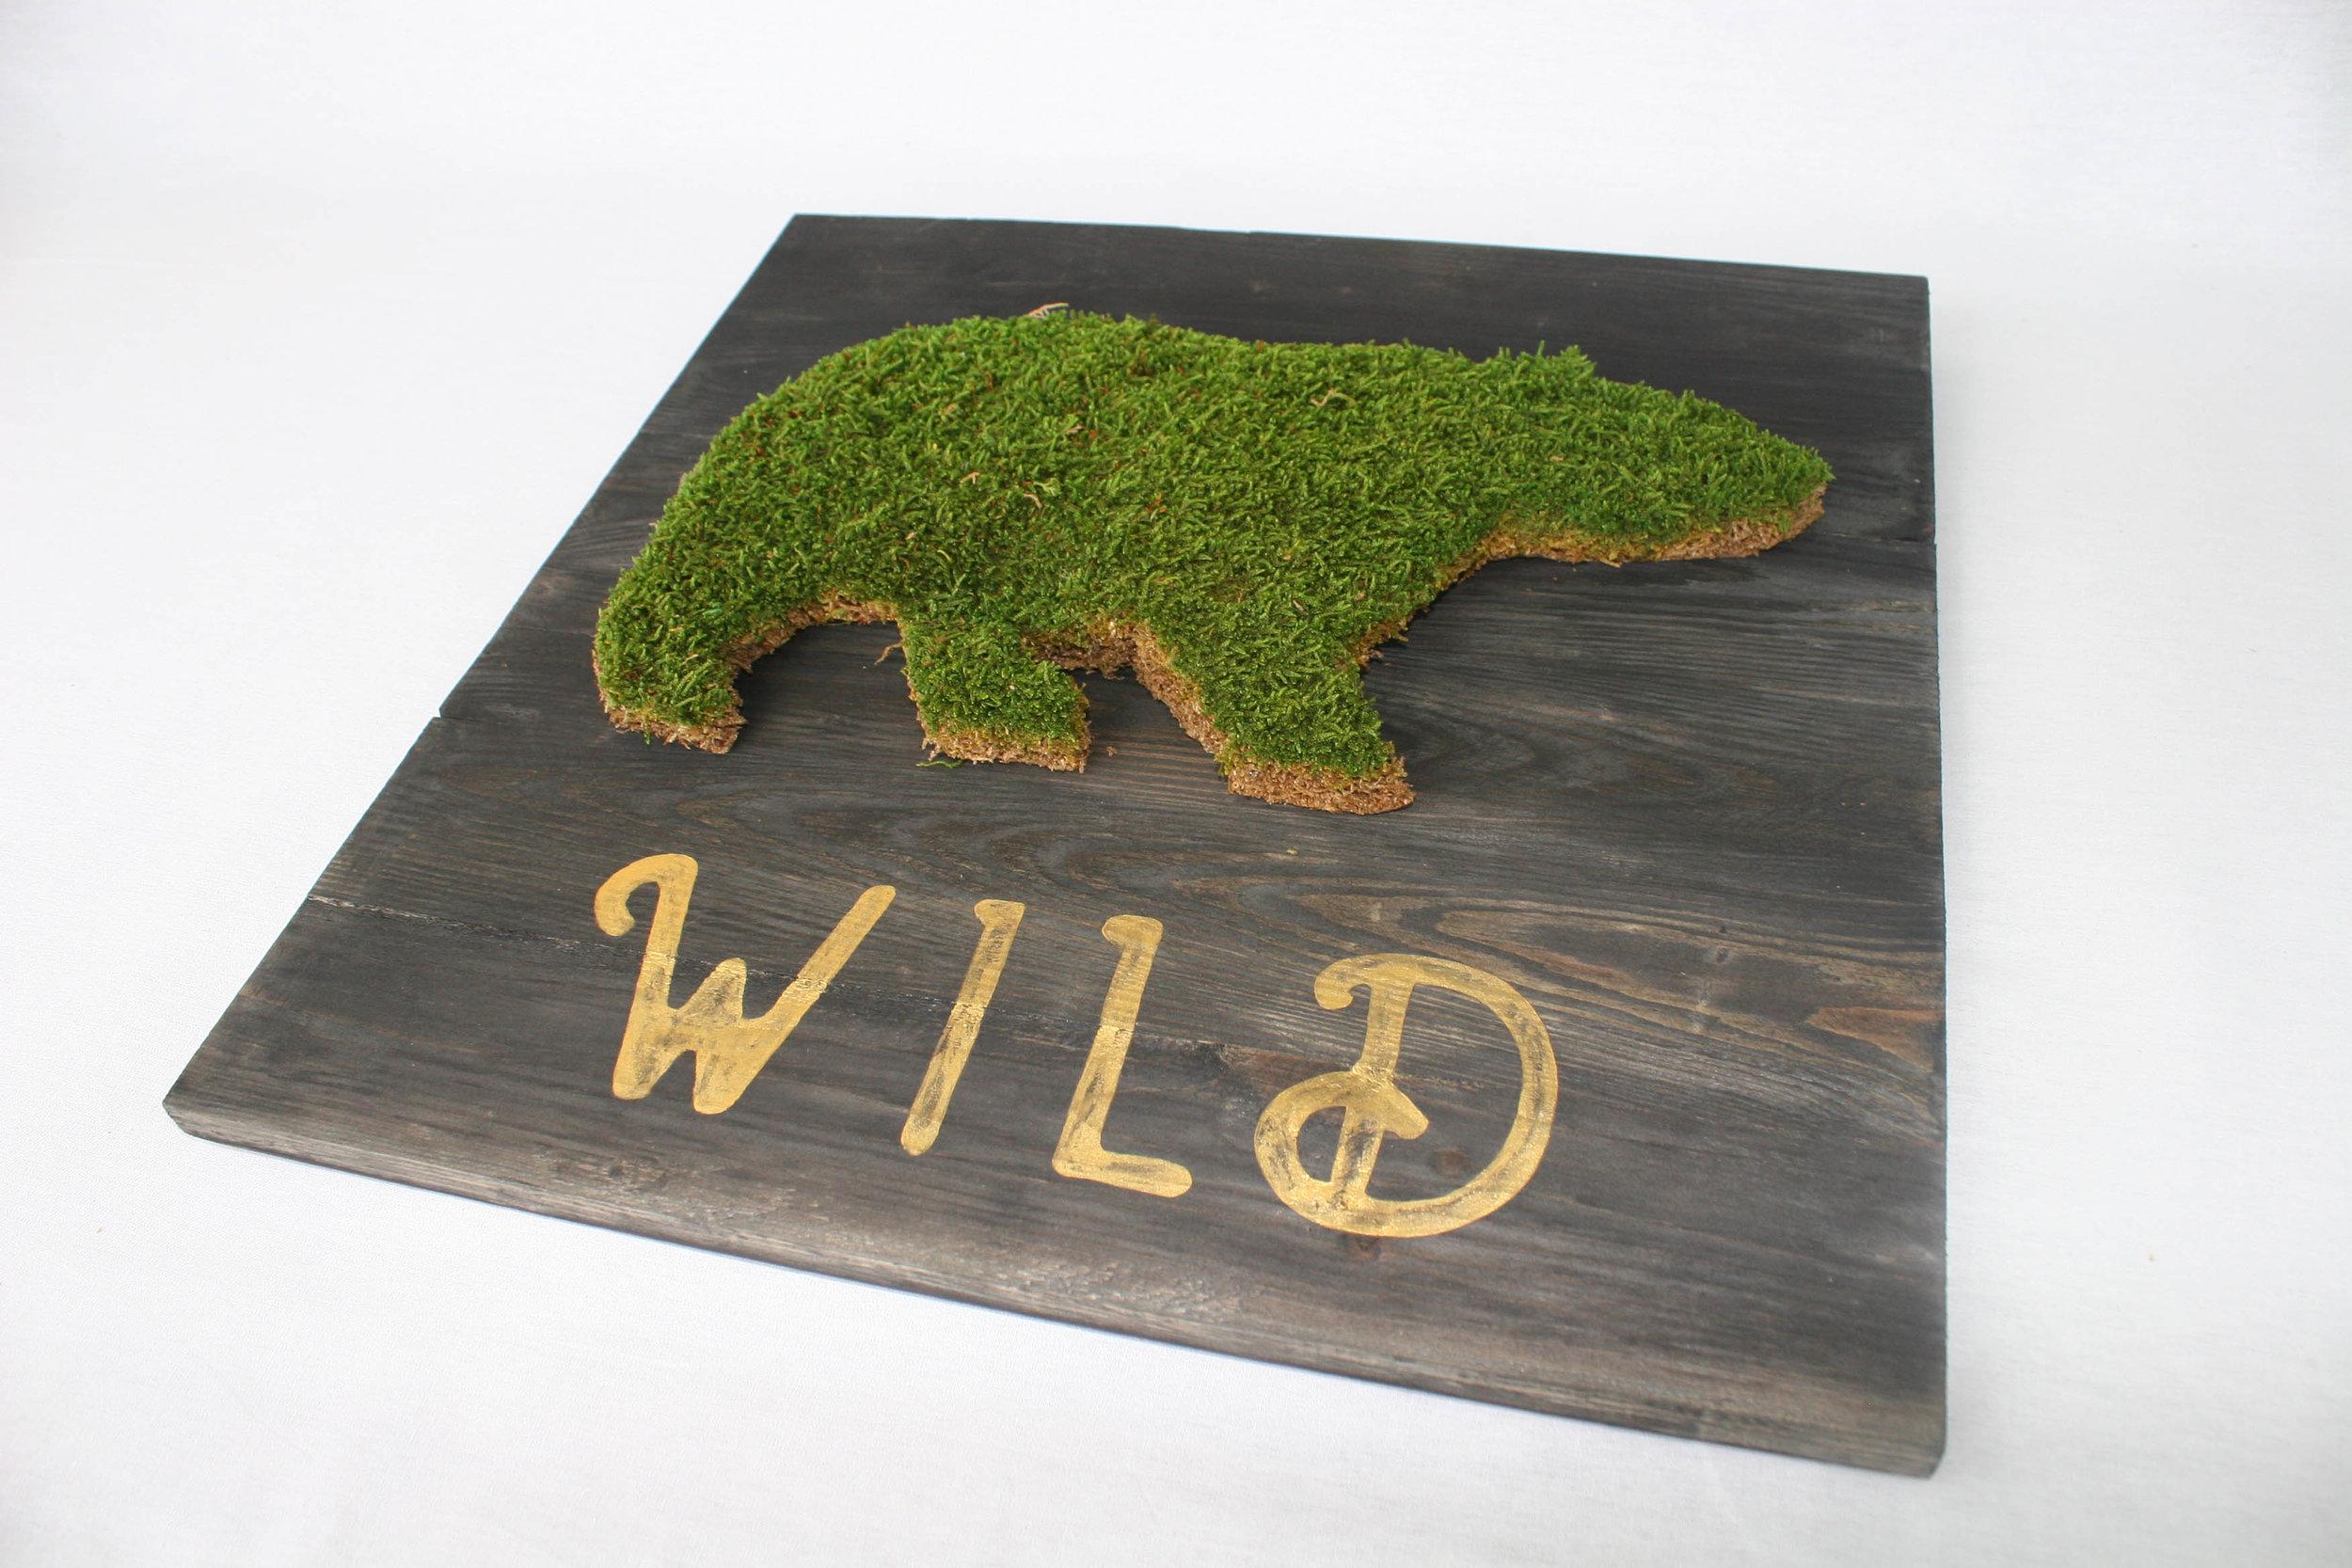 Planches - Les planches sont composées de bois de palettes recyclées et de formes en mousse stabilisée.Entièrement personnalisables !